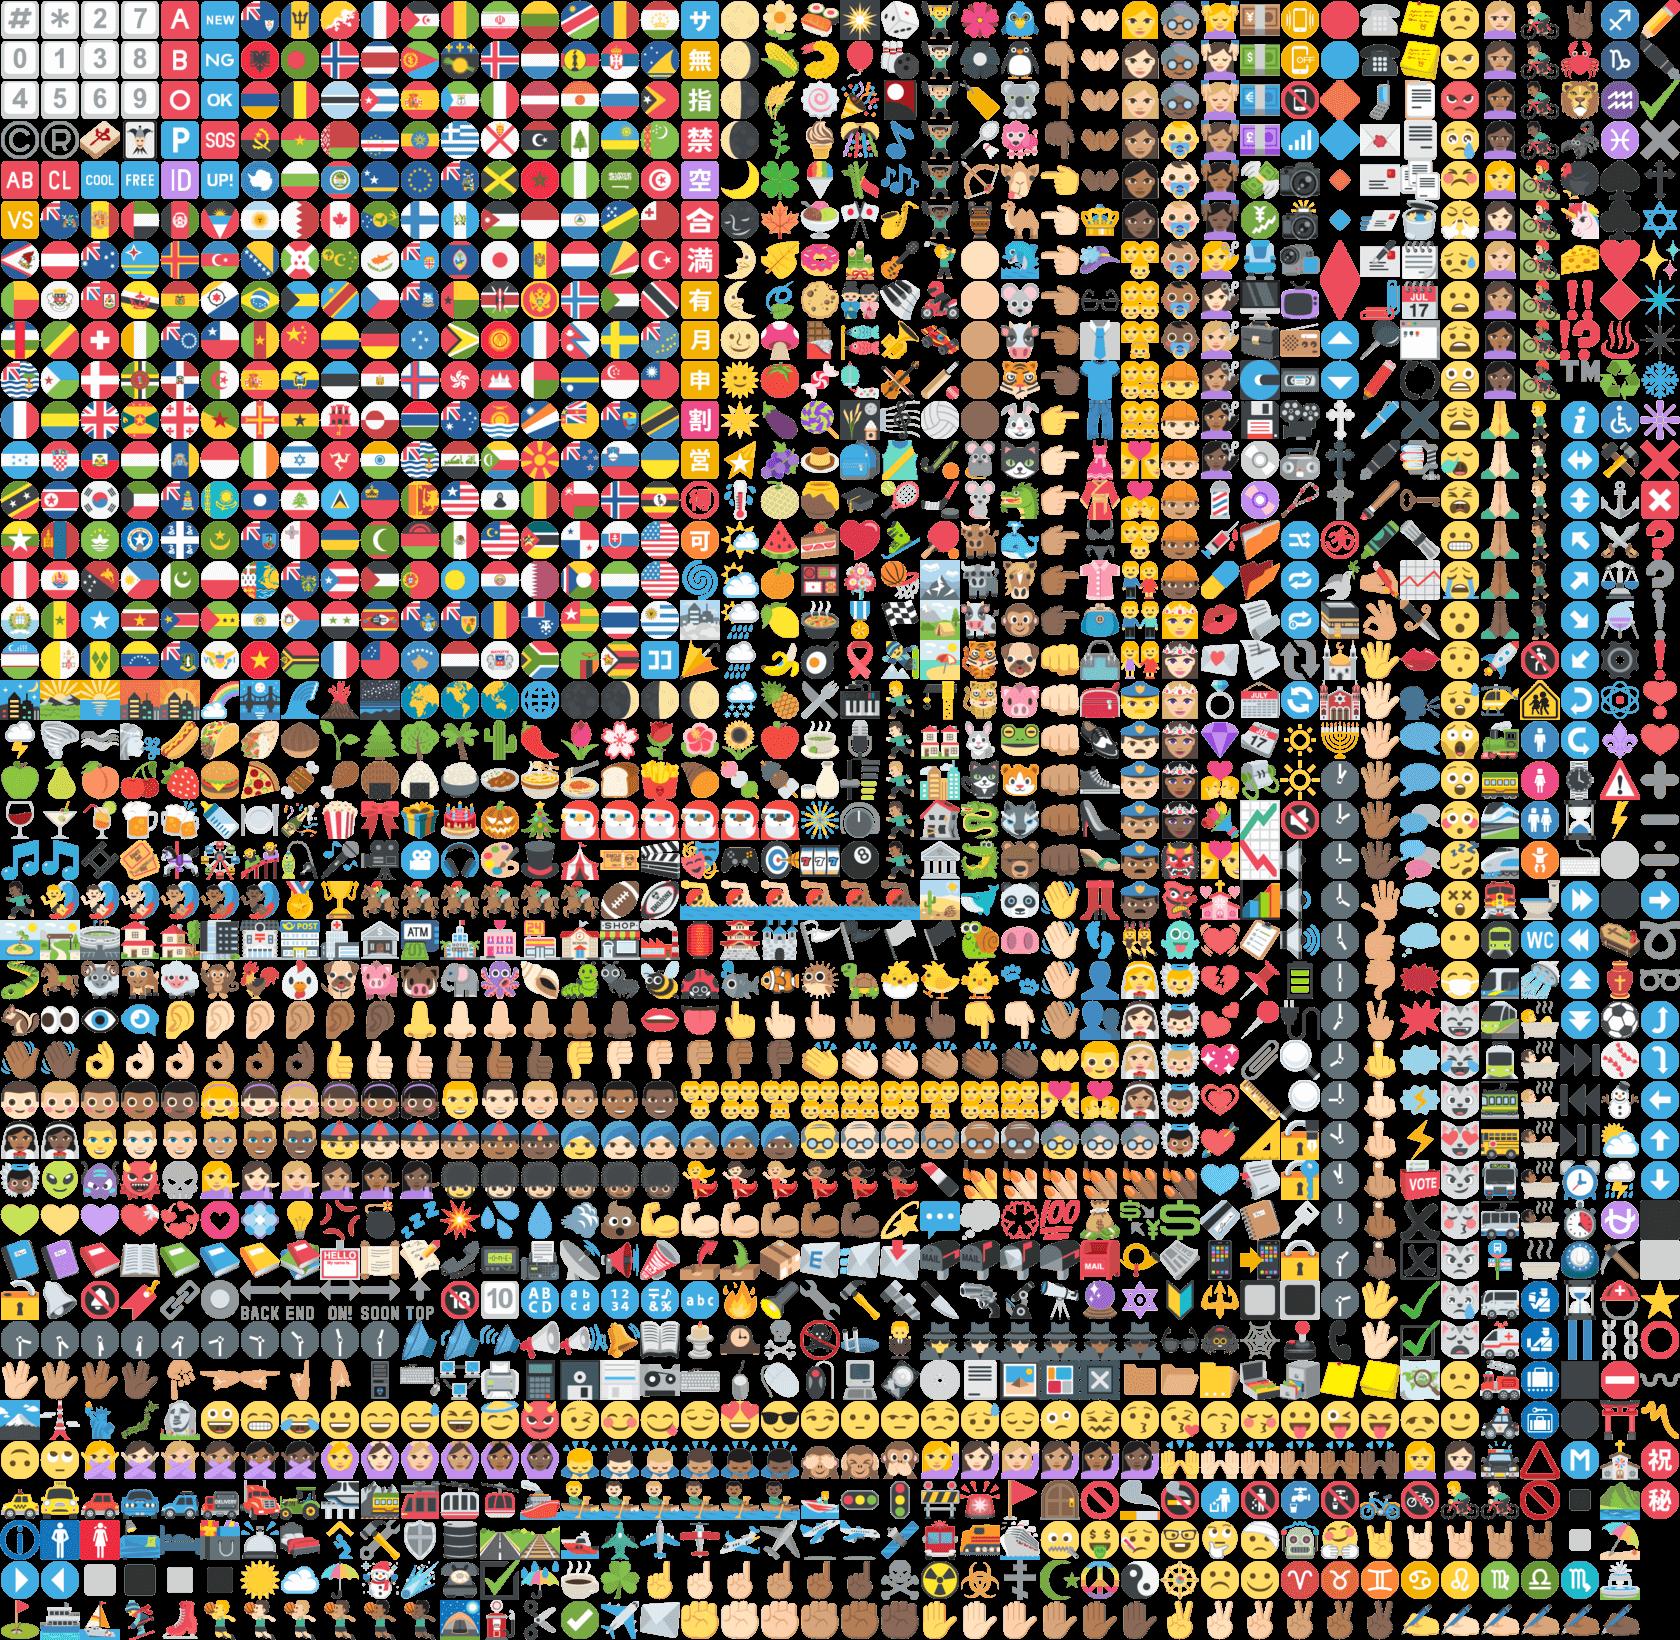 app/assets/images/emoji@2x.png